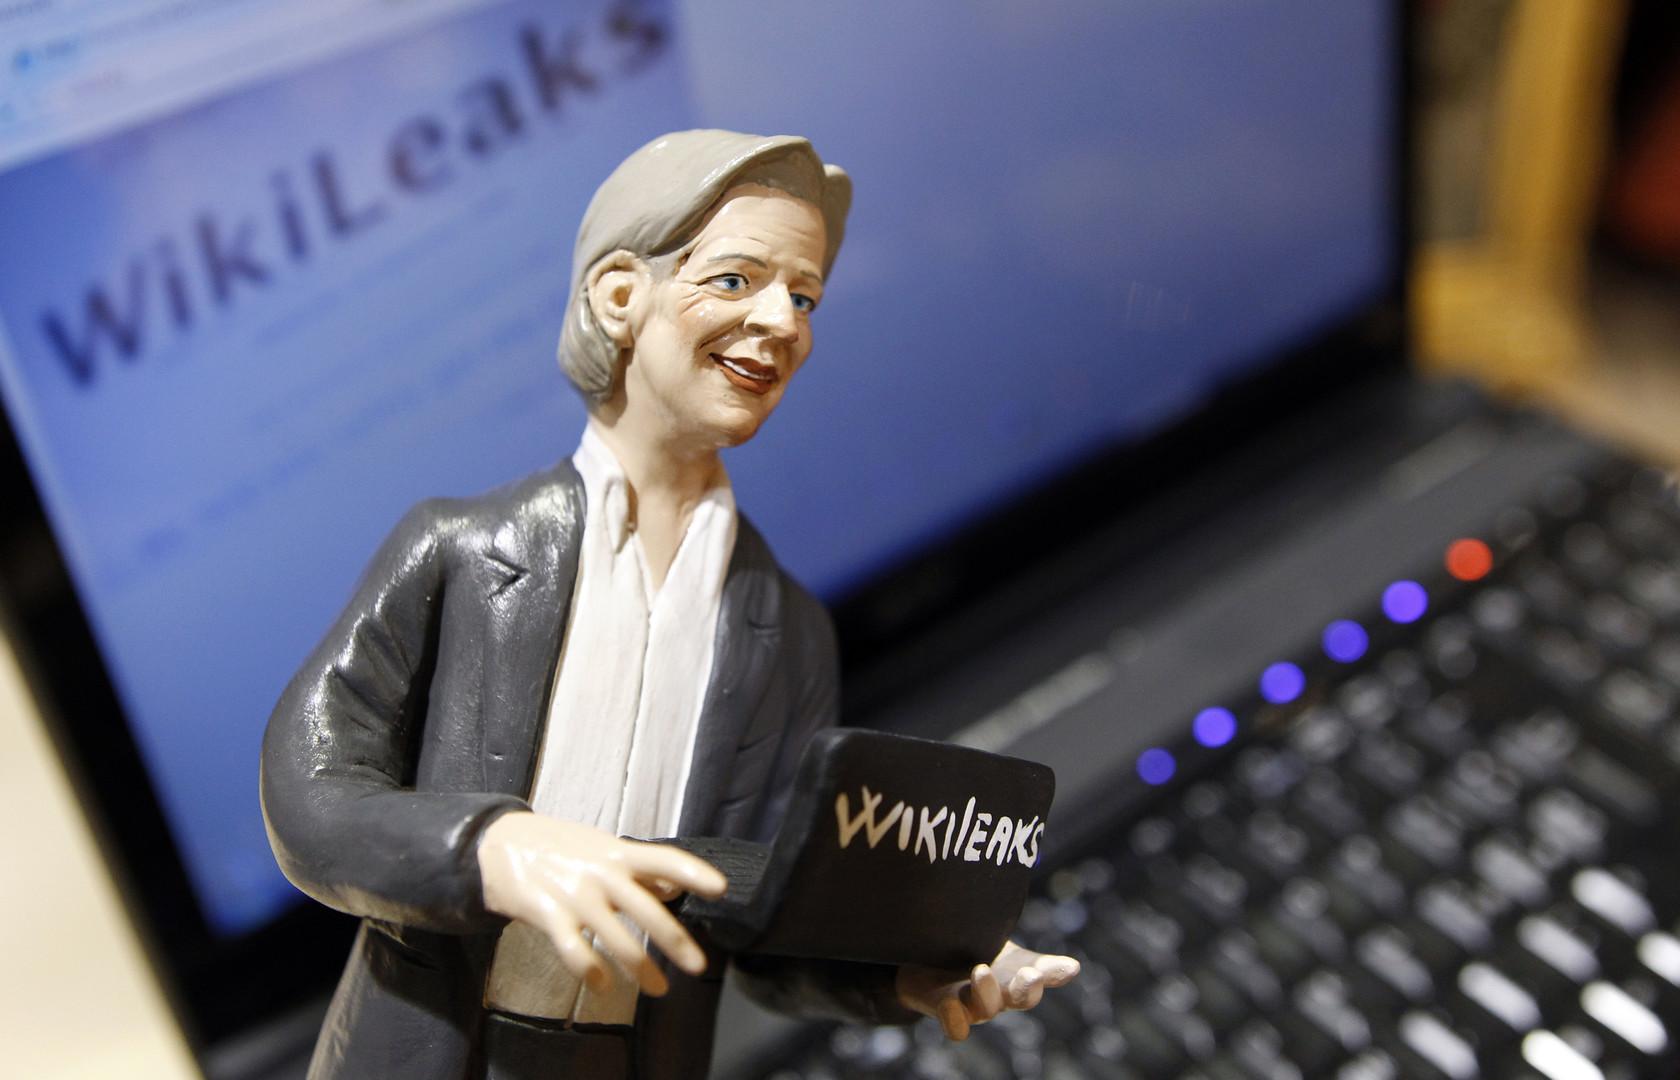 Доступ к сайту WikiLeaks в Турции заблокирован